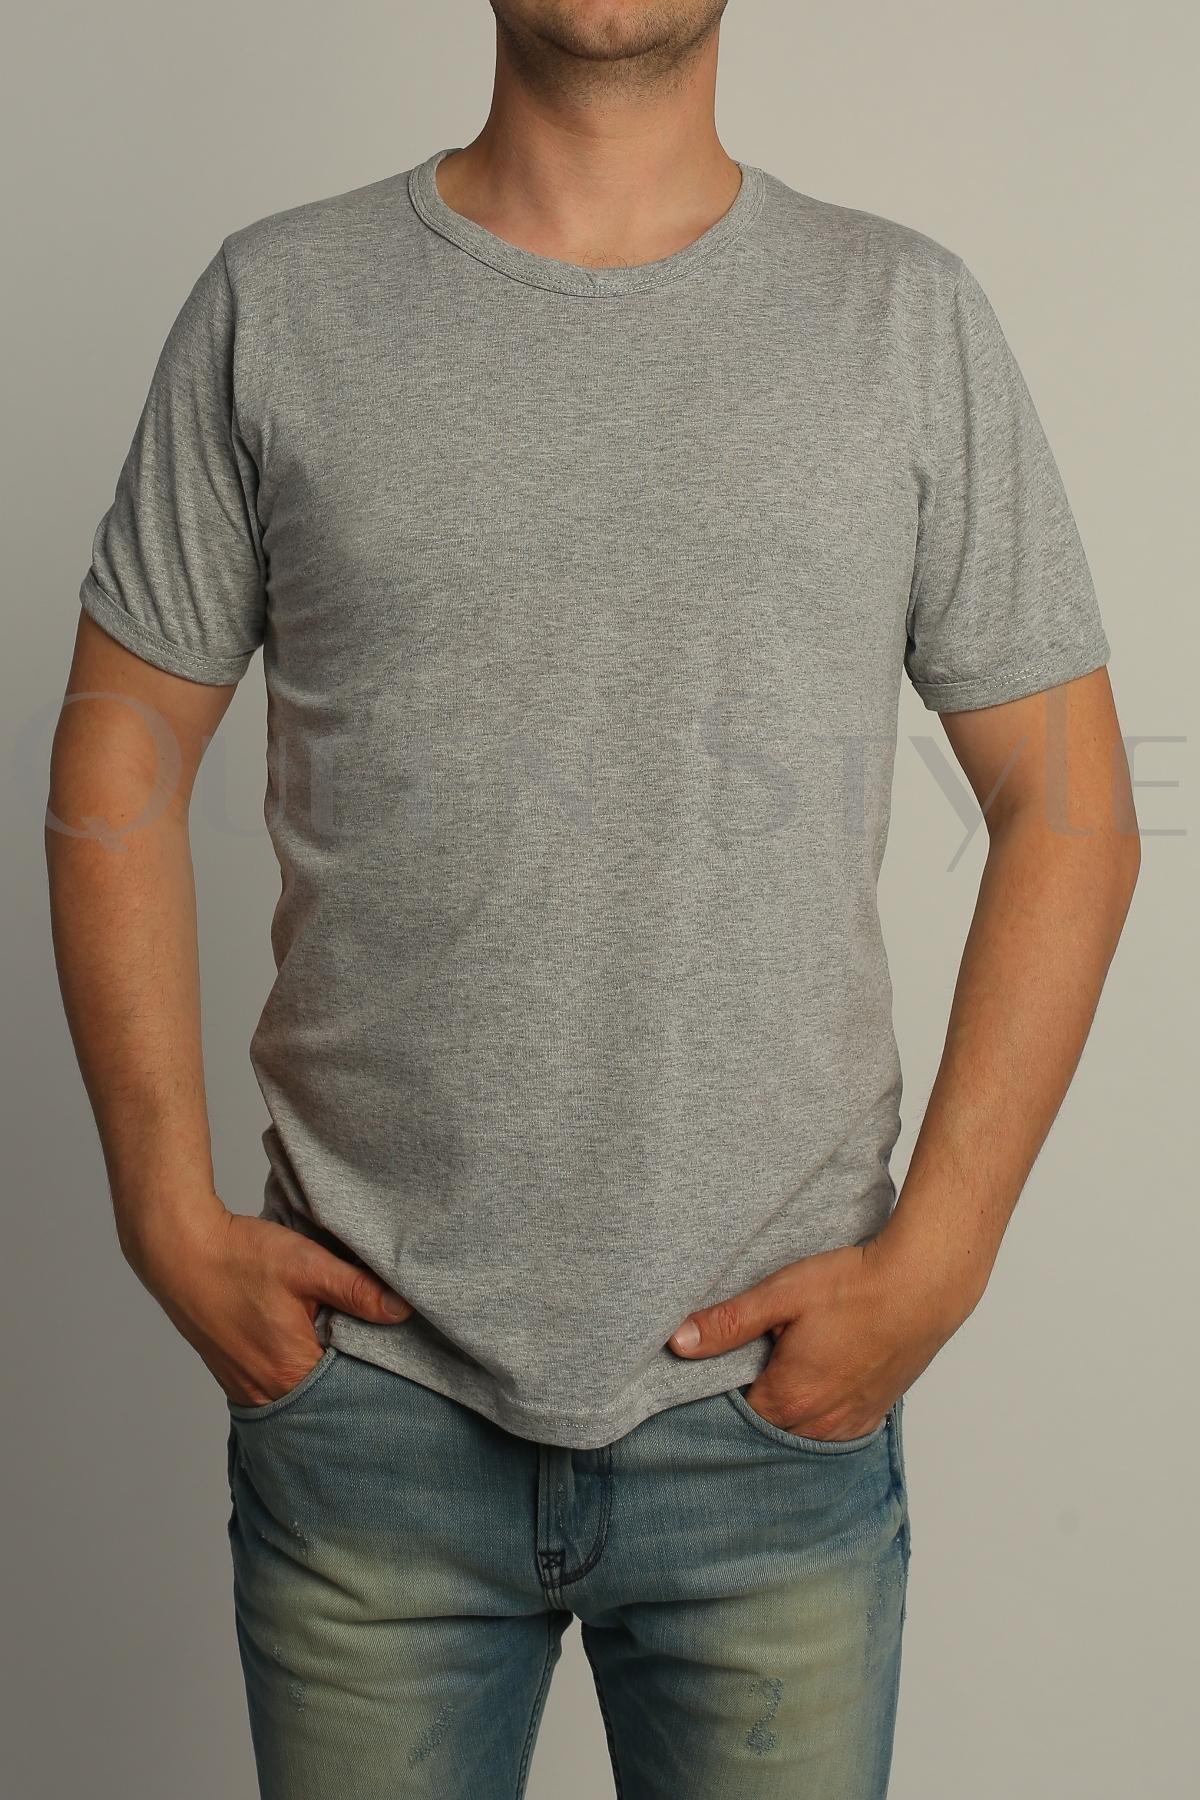 60b106fa33dcd Серая футболка мужская 54801 – купить оптом в Москве по низким ценам ...